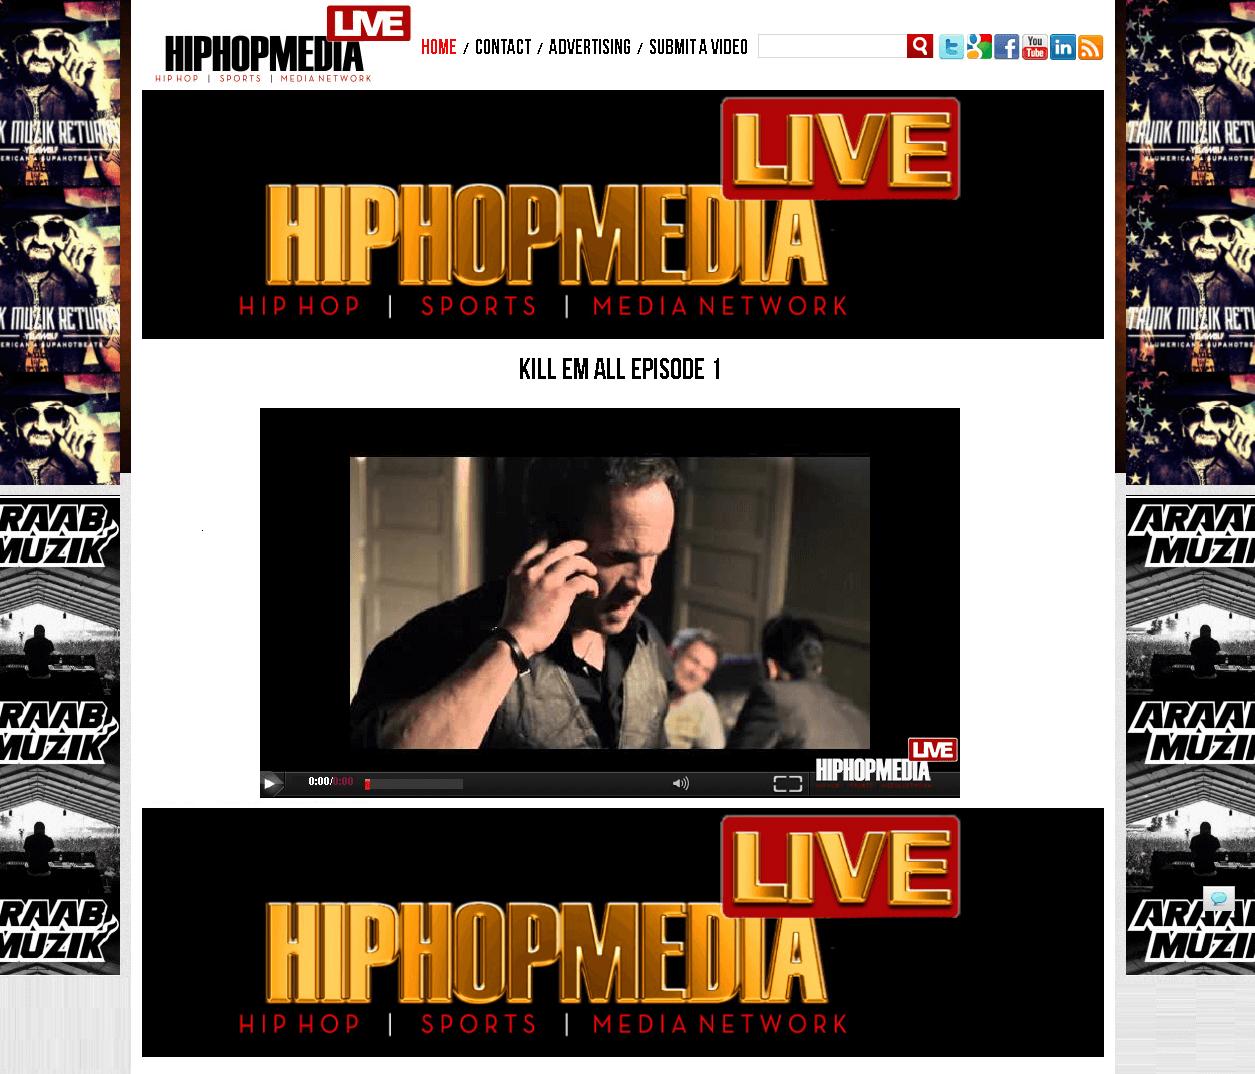 PHP Website for 'HIP HOP MEDIA' – Video Uploading & Sharing Platform